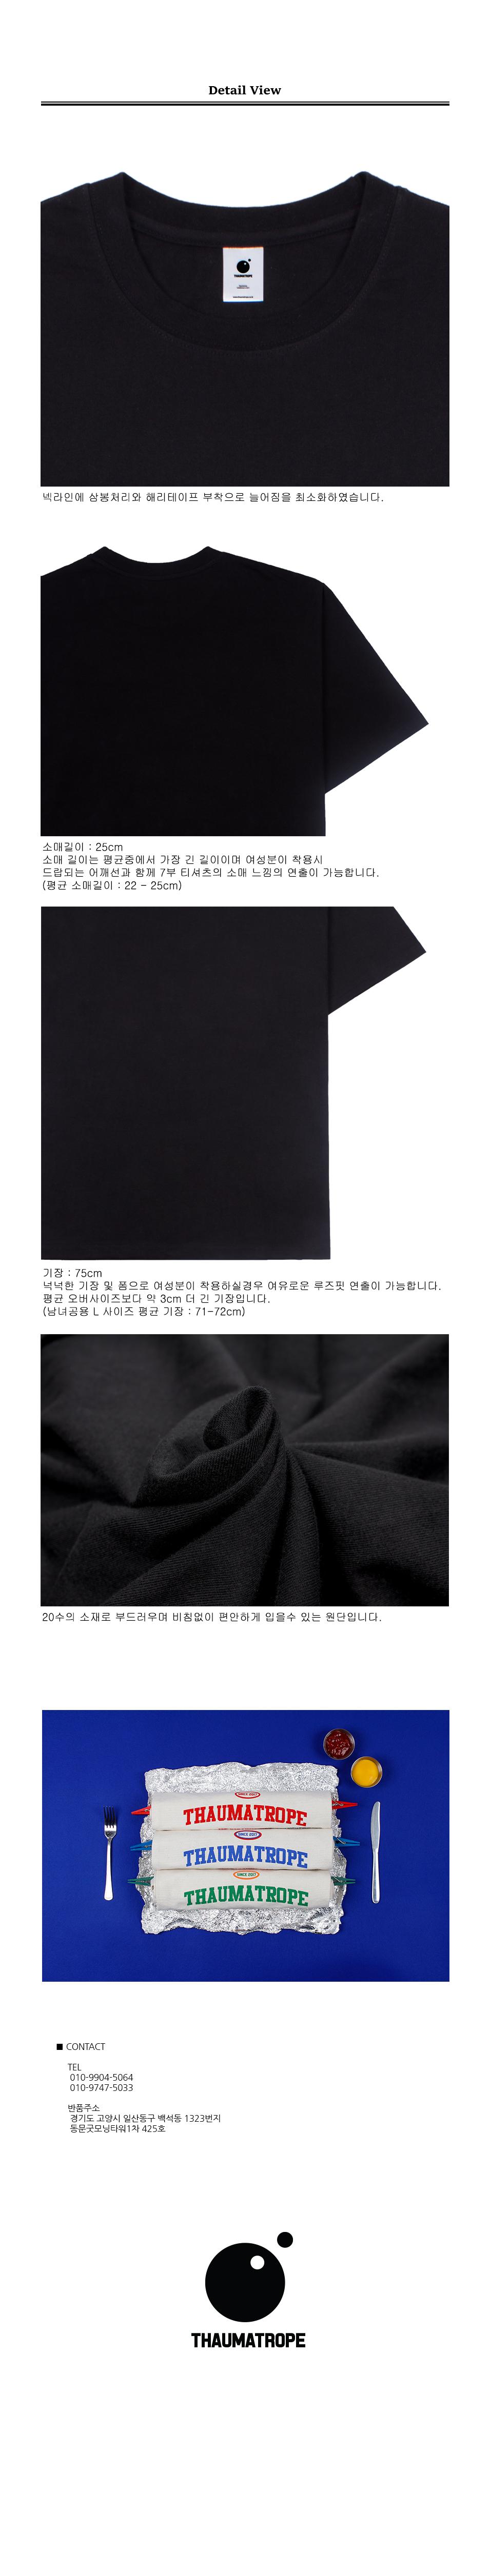 레이아웃-제작중-(18ss)-분할저장5번-4.jpg